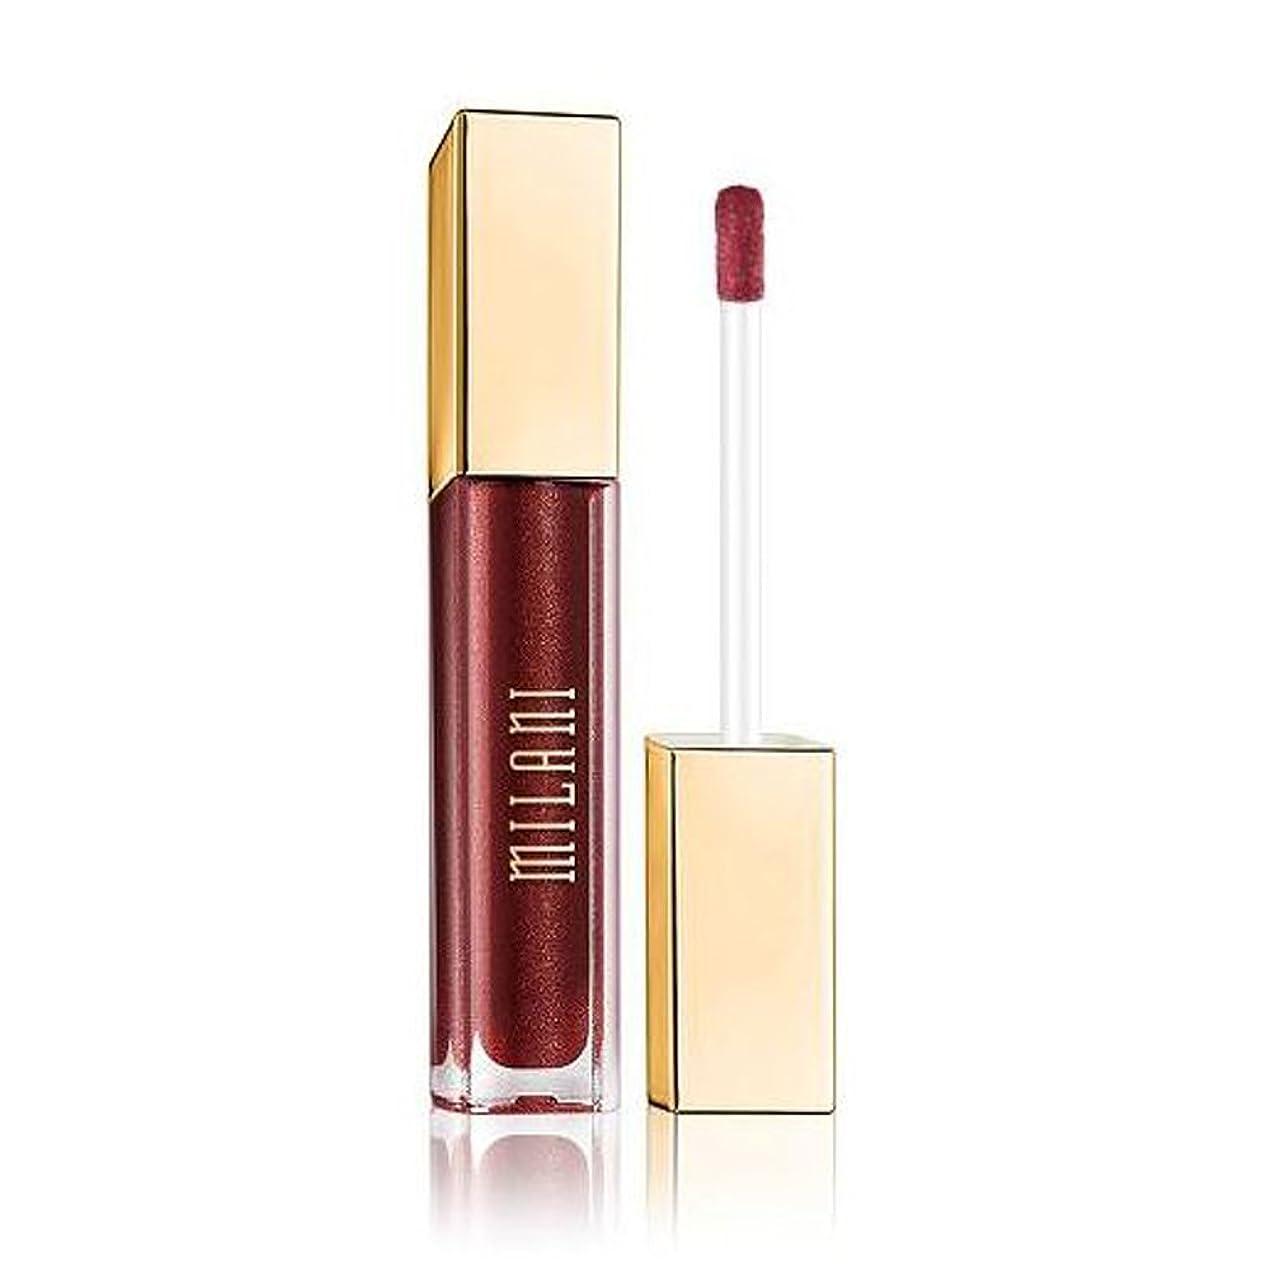 建物好戦的なからに変化するMILANI Amore Matte Lip Creme - Glamour (並行輸入品)